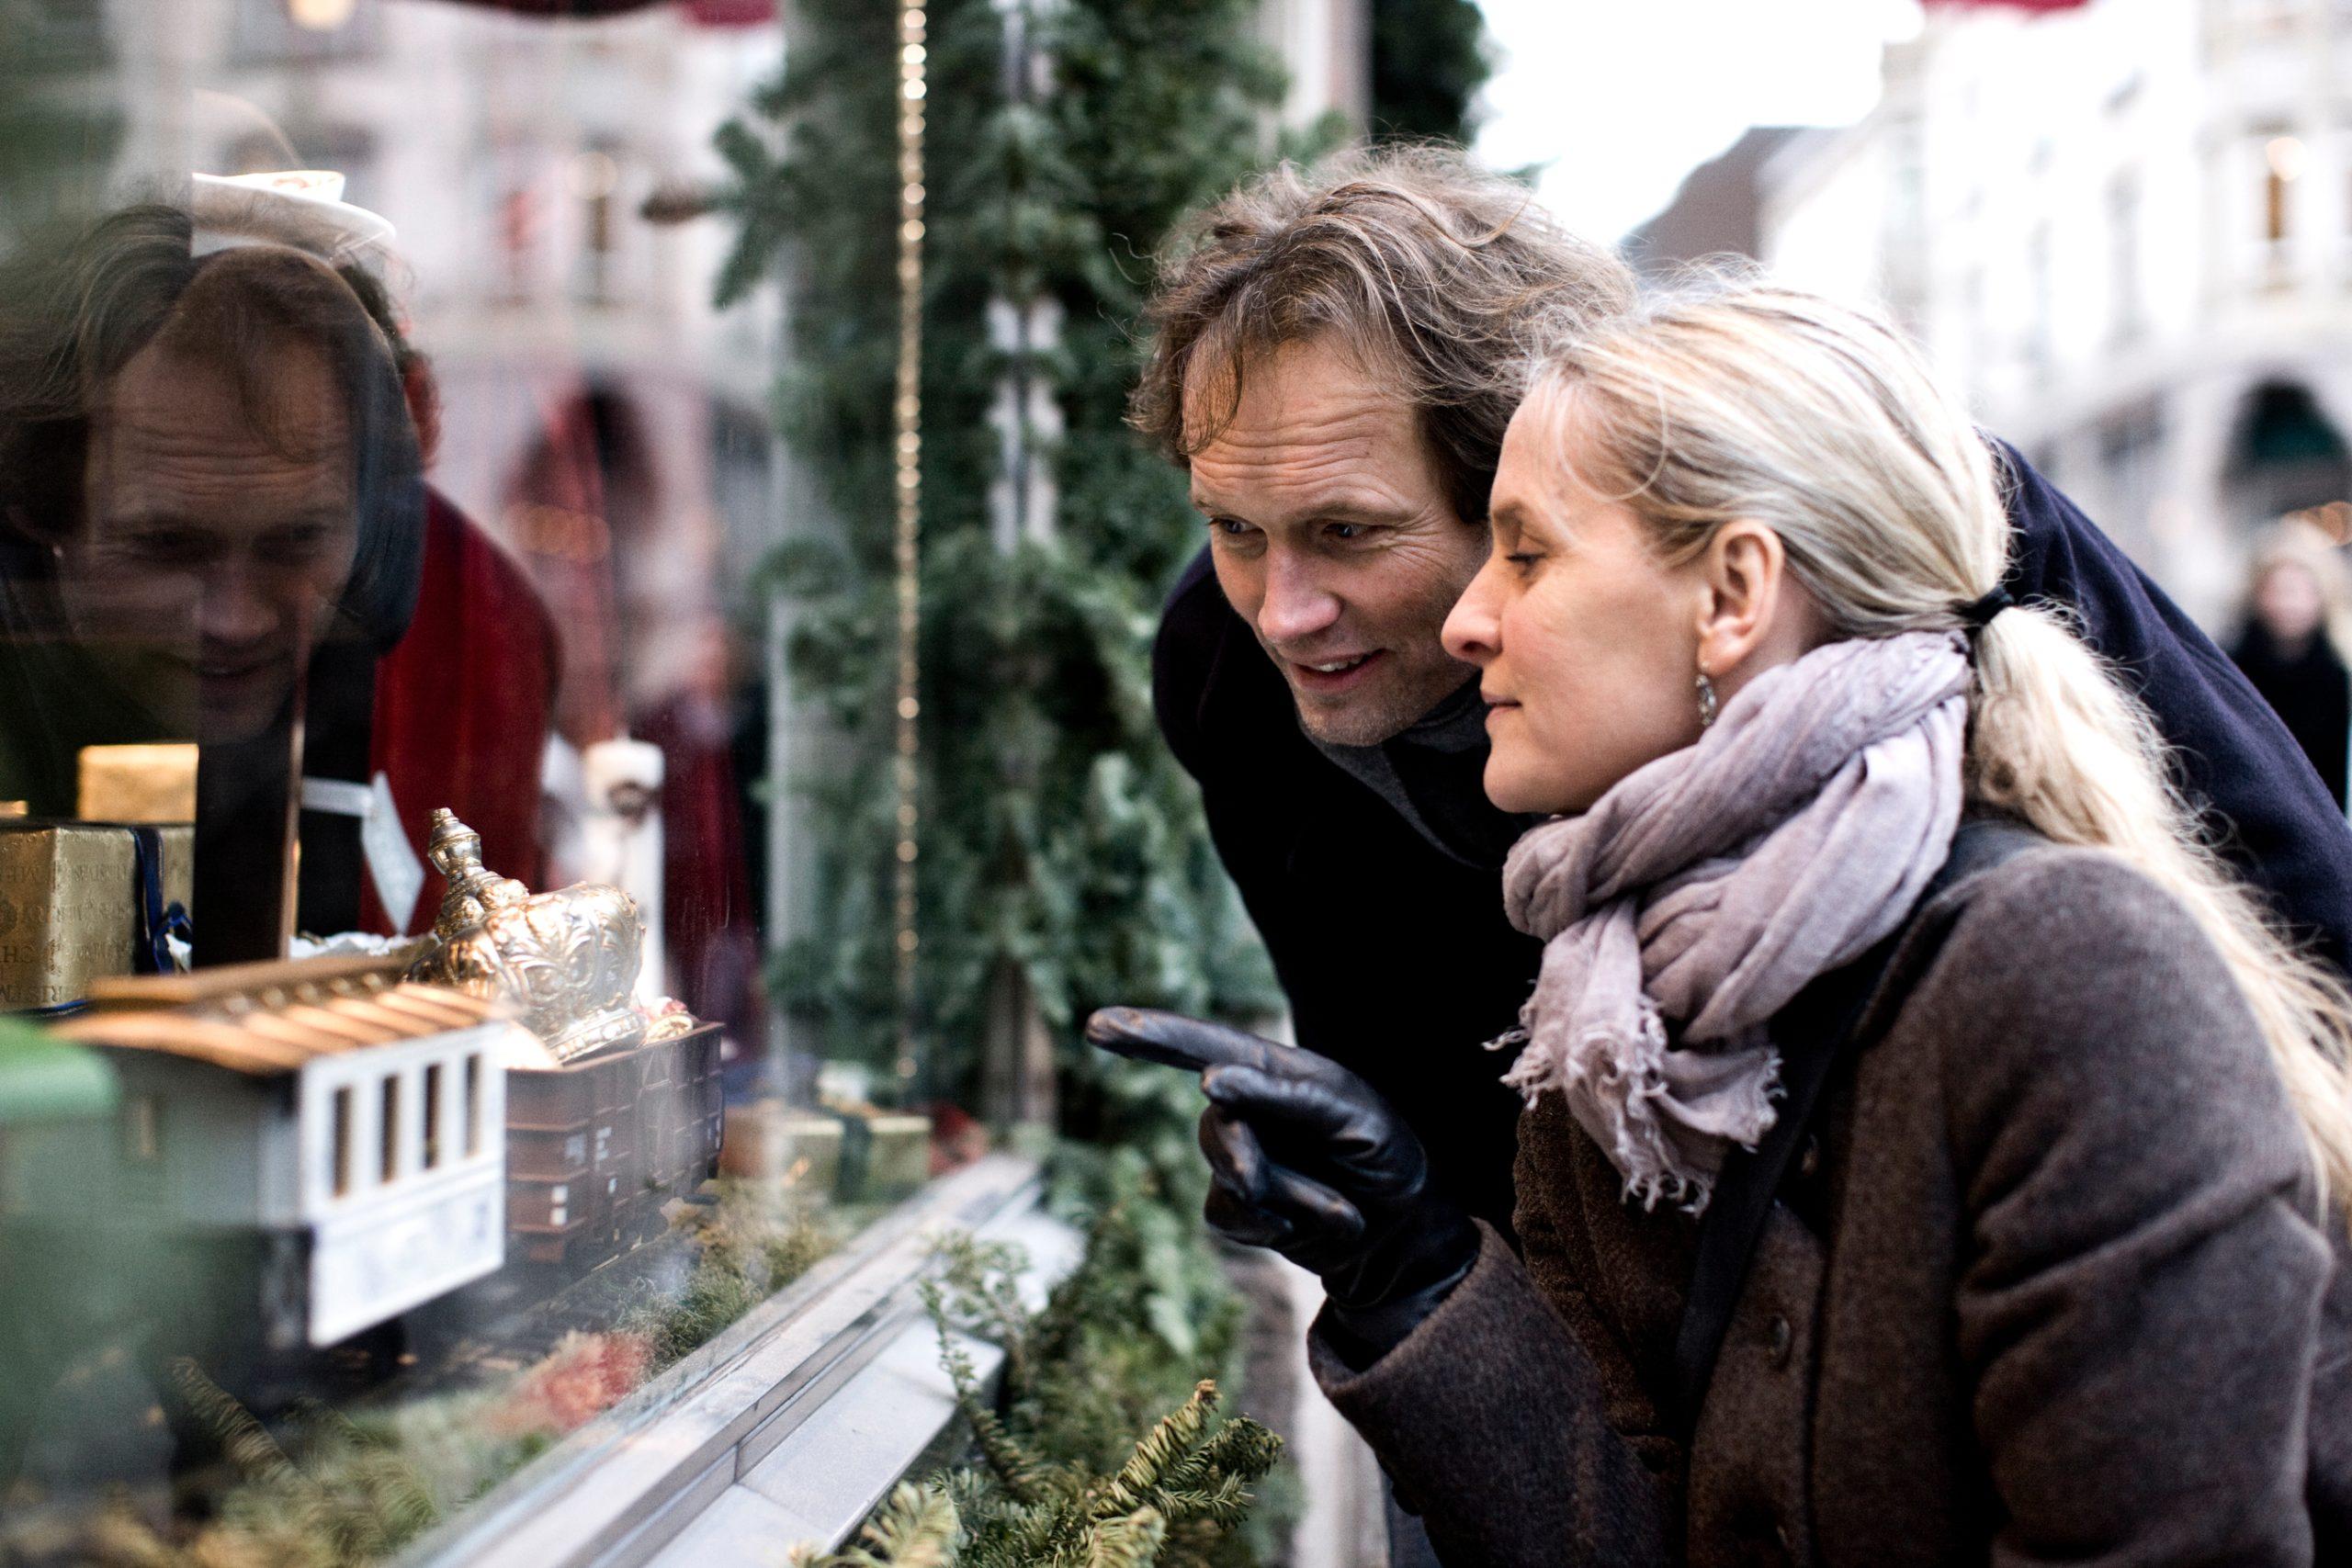 Der er fra politisk side gennem hjælpepakker bevilliget cirka 100 millioner kroner ekstra til at genrejse dansk turisme og trække udenlandske turister tilbage. Arkivpressefoto Niclas Jessen for VisitDenmark.